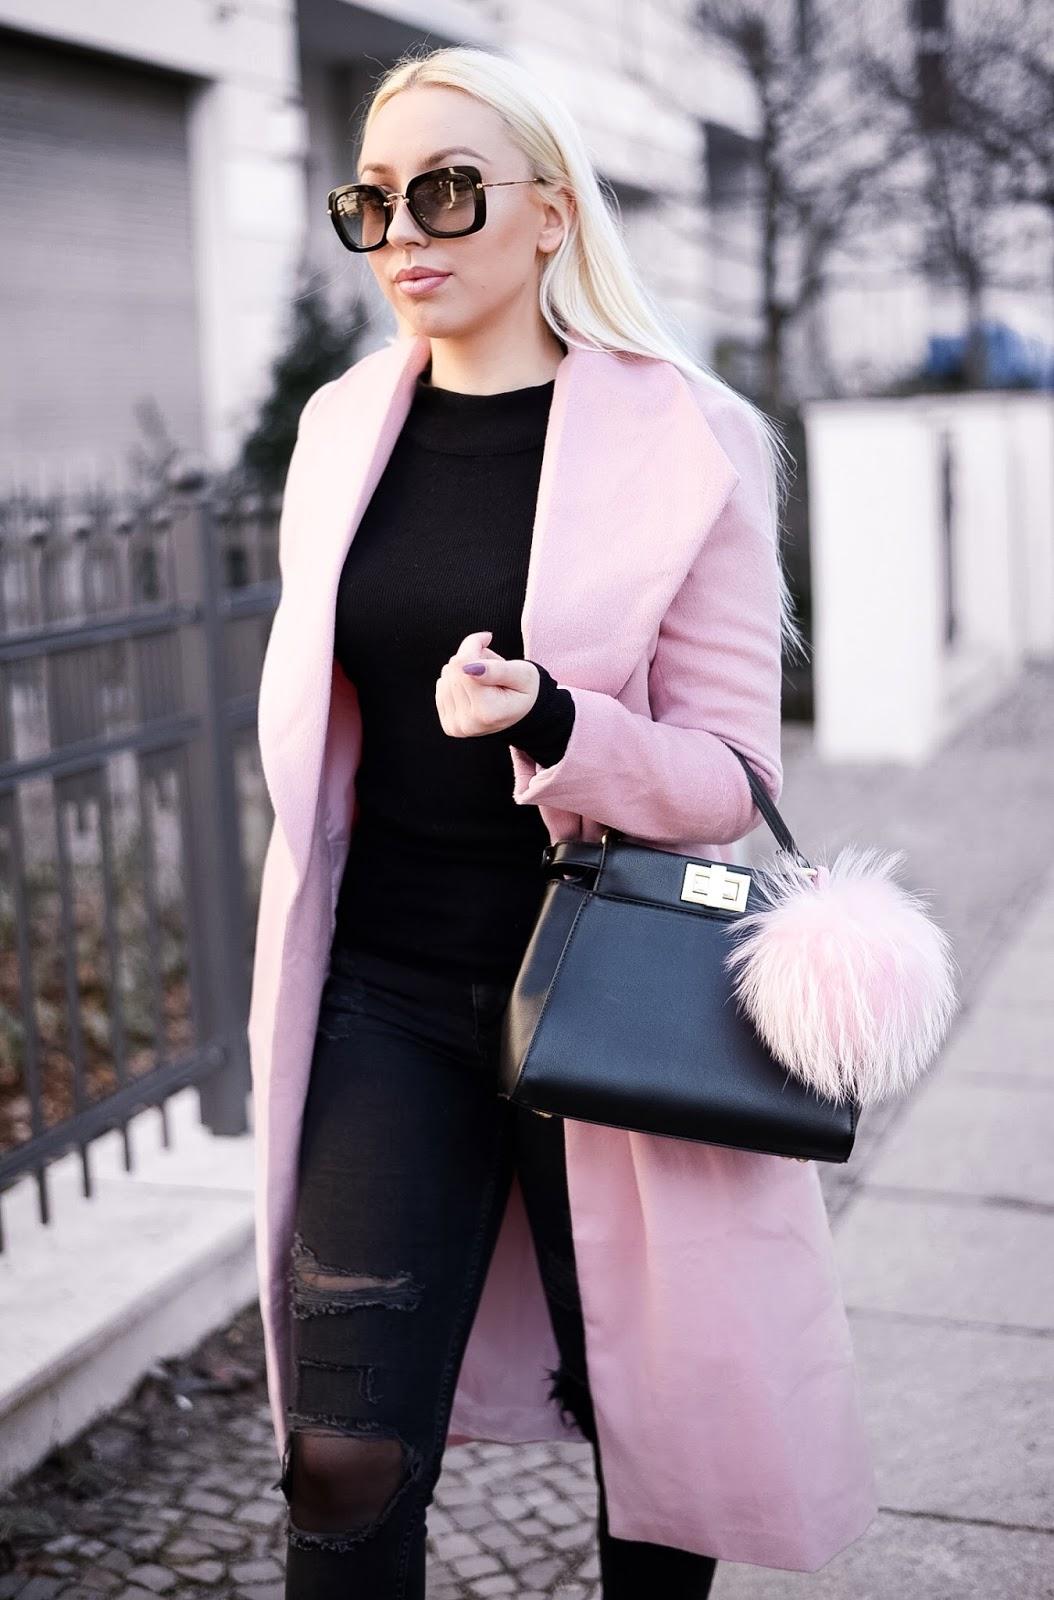 miumiu sunglasses_fendi peekaboo_pink coat